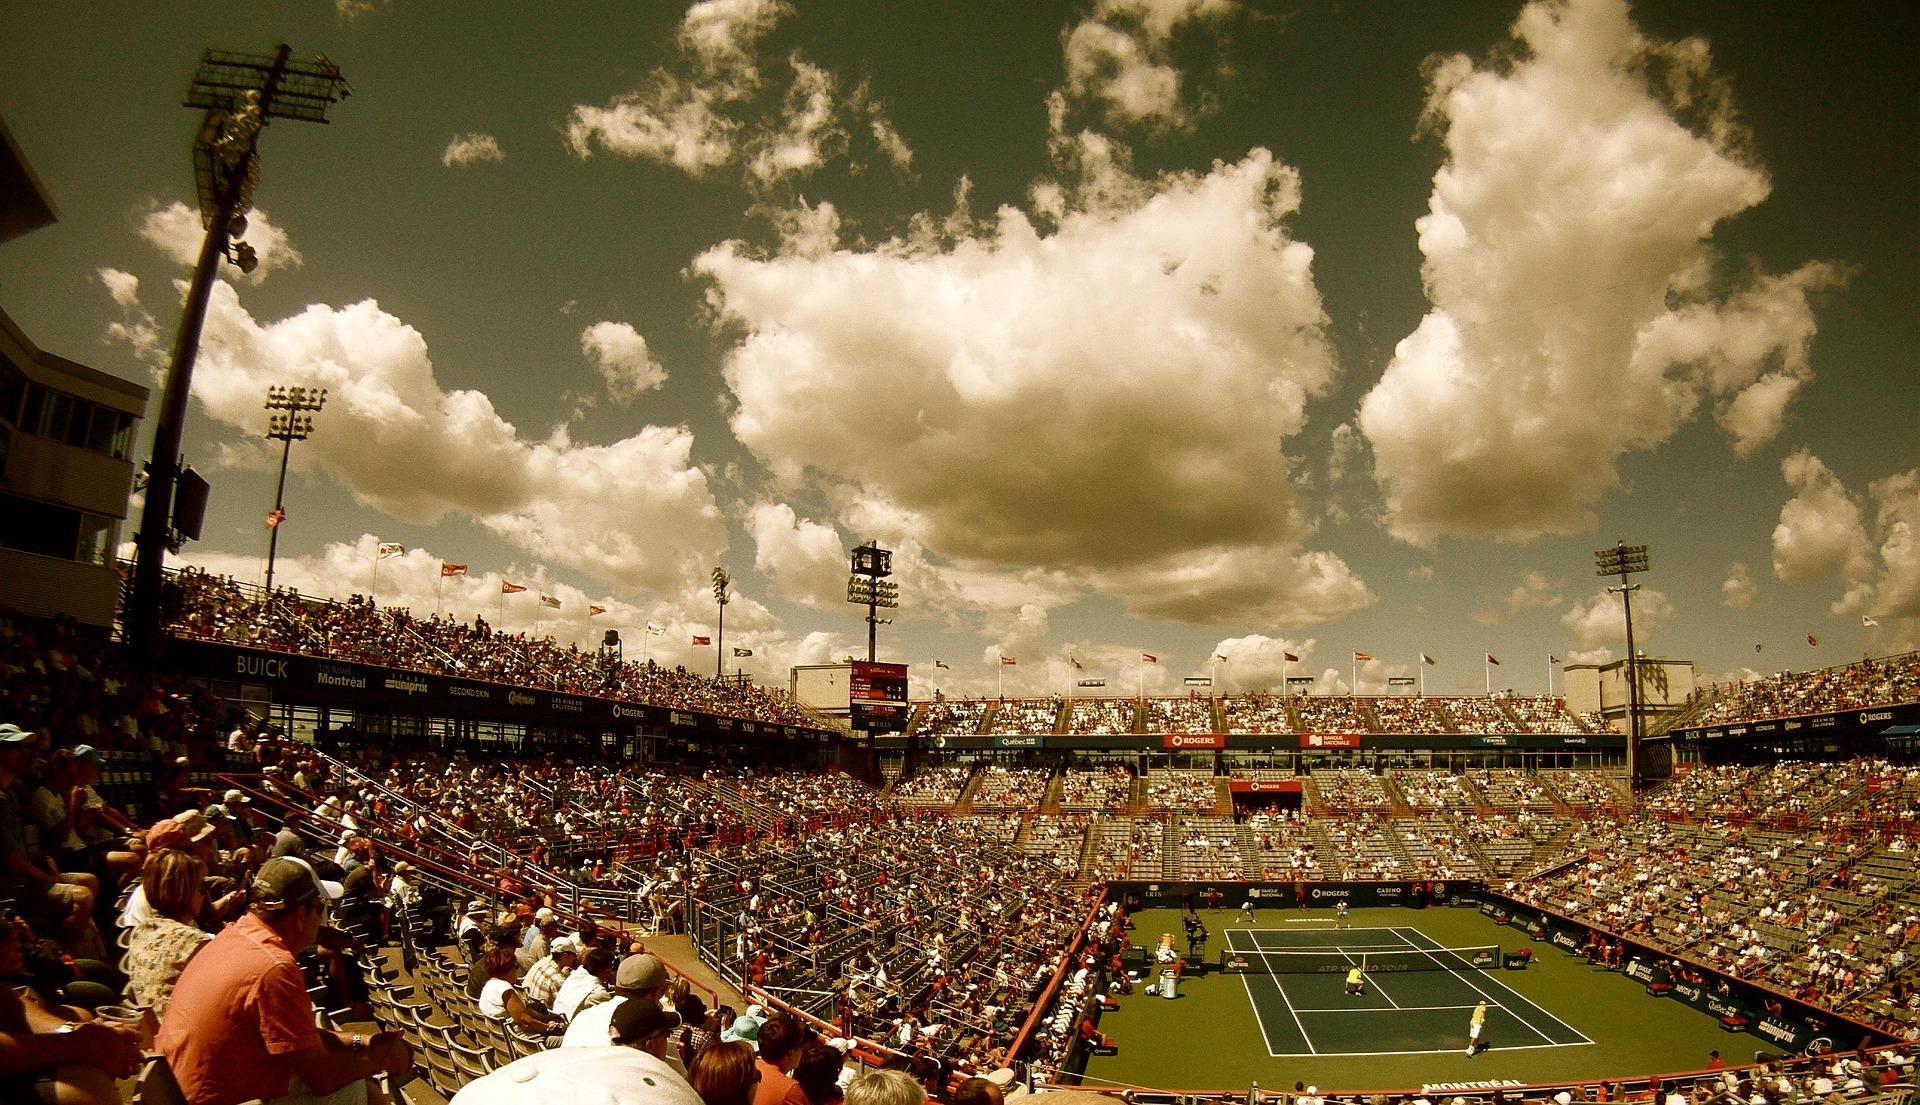 tennis-court-407017_1920